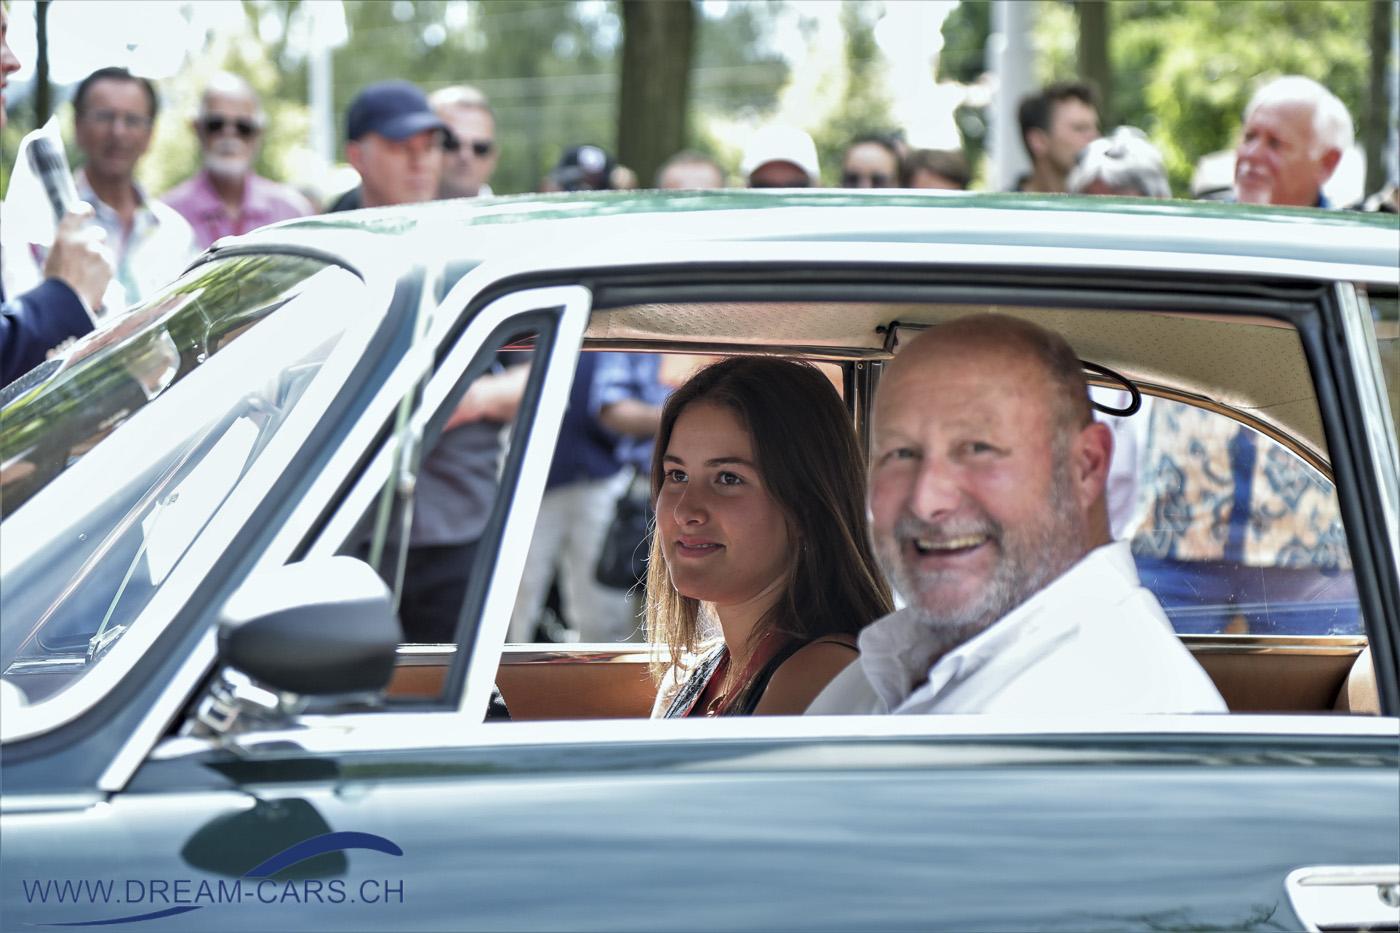 ZCCA - Zurich Classic Car Award, Bürkliplatz Zürich, 19. August 2020. Den 2. Platz in der Kategorie 110 Jahre Alfa Romeo, der 1300 Junior von 1966. Die Besitzerin, Vivienne Moser, darf noch gar nicht fahren, deshalb sitzt der Papa, Alfred Moser, am Lenkrad.